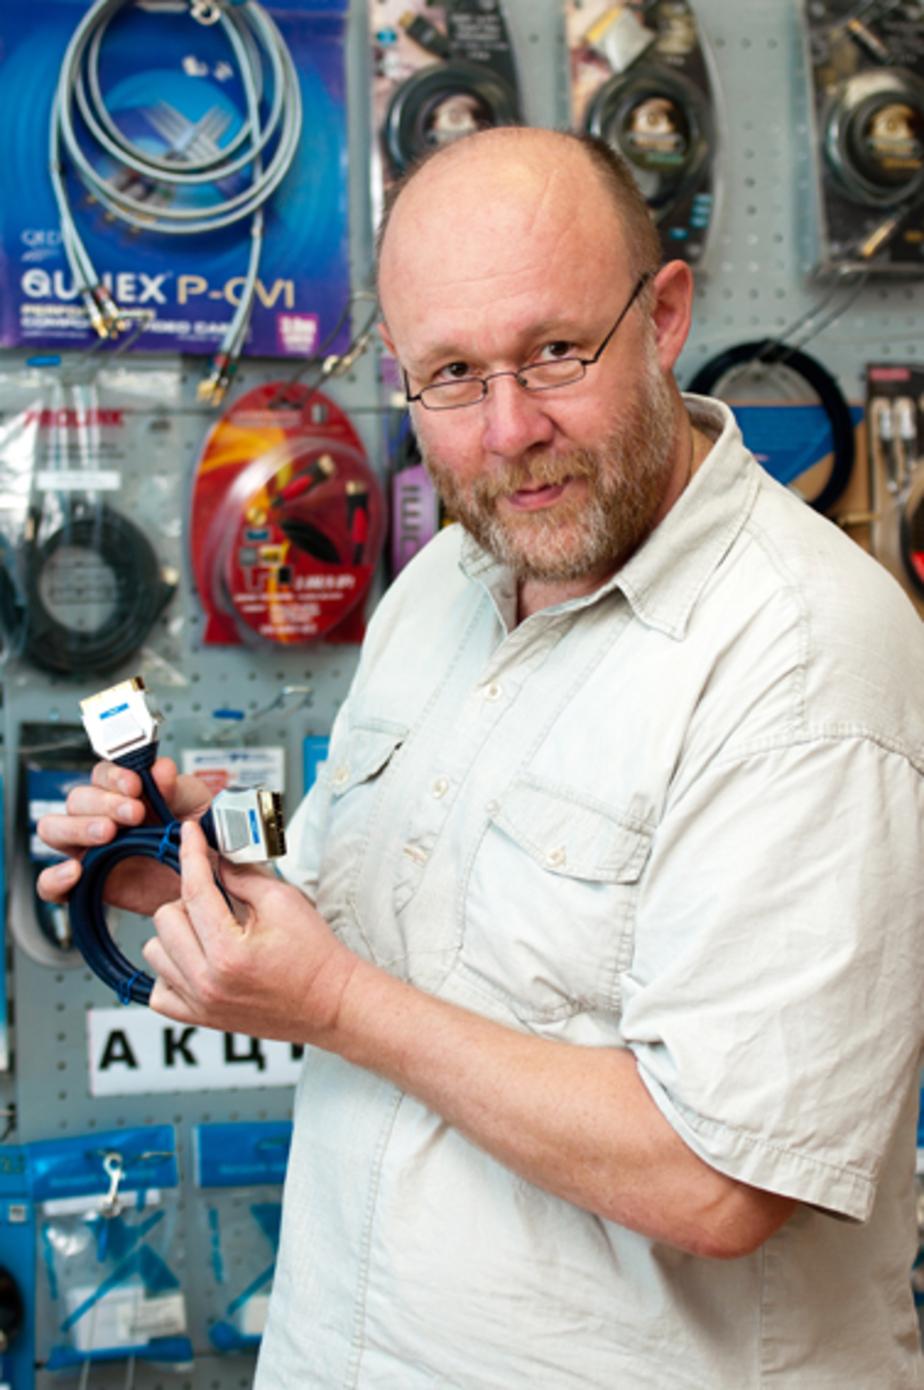 Возьмите любой кабель бесплатно: тест-драйв аудиопроводов! - Новости Калининграда